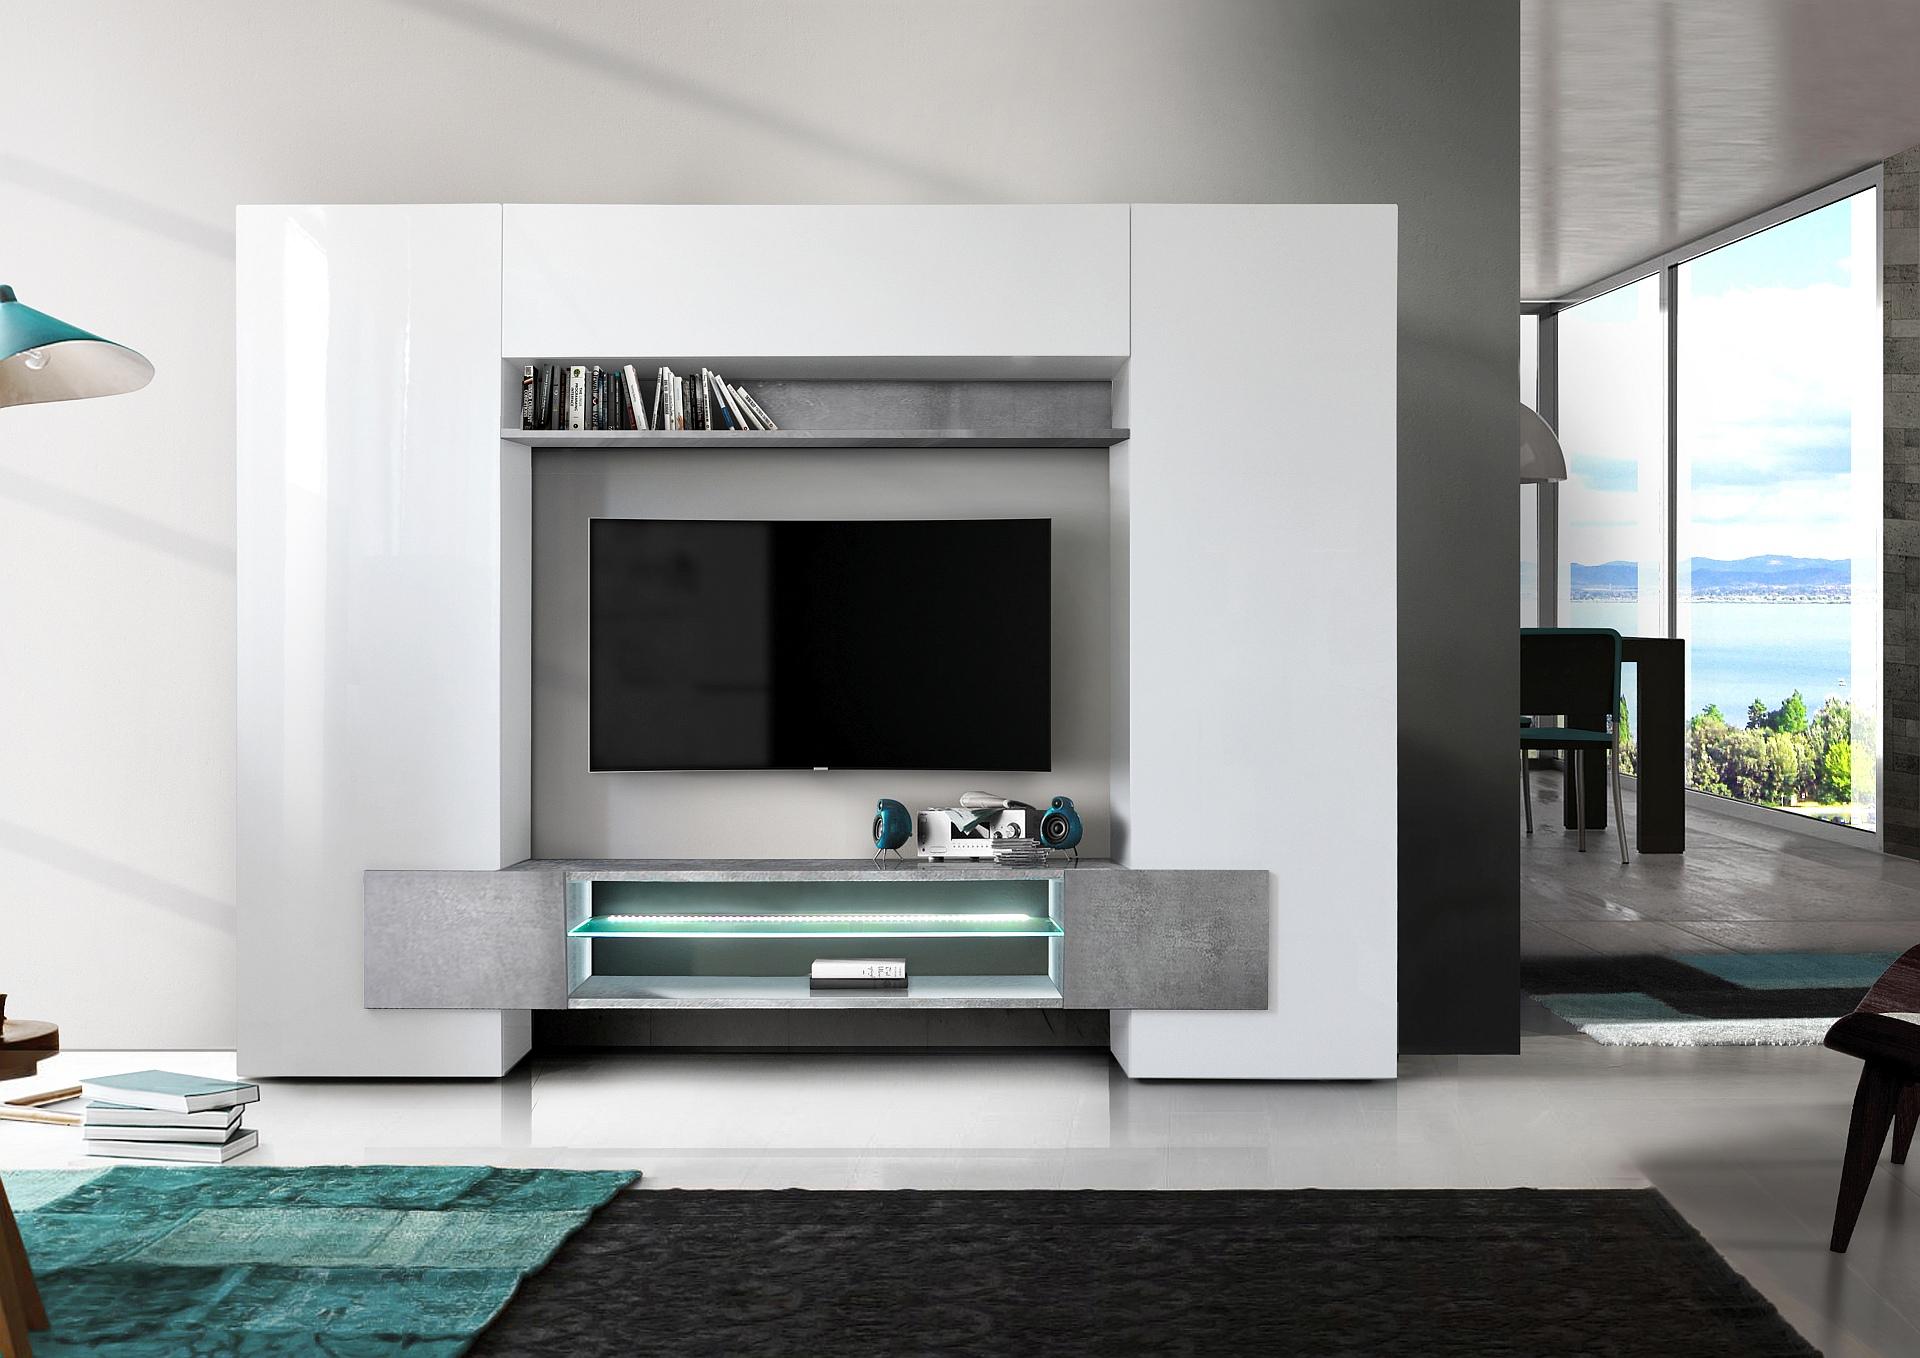 1356_incastro-soggiorno-bianco-beton-lq